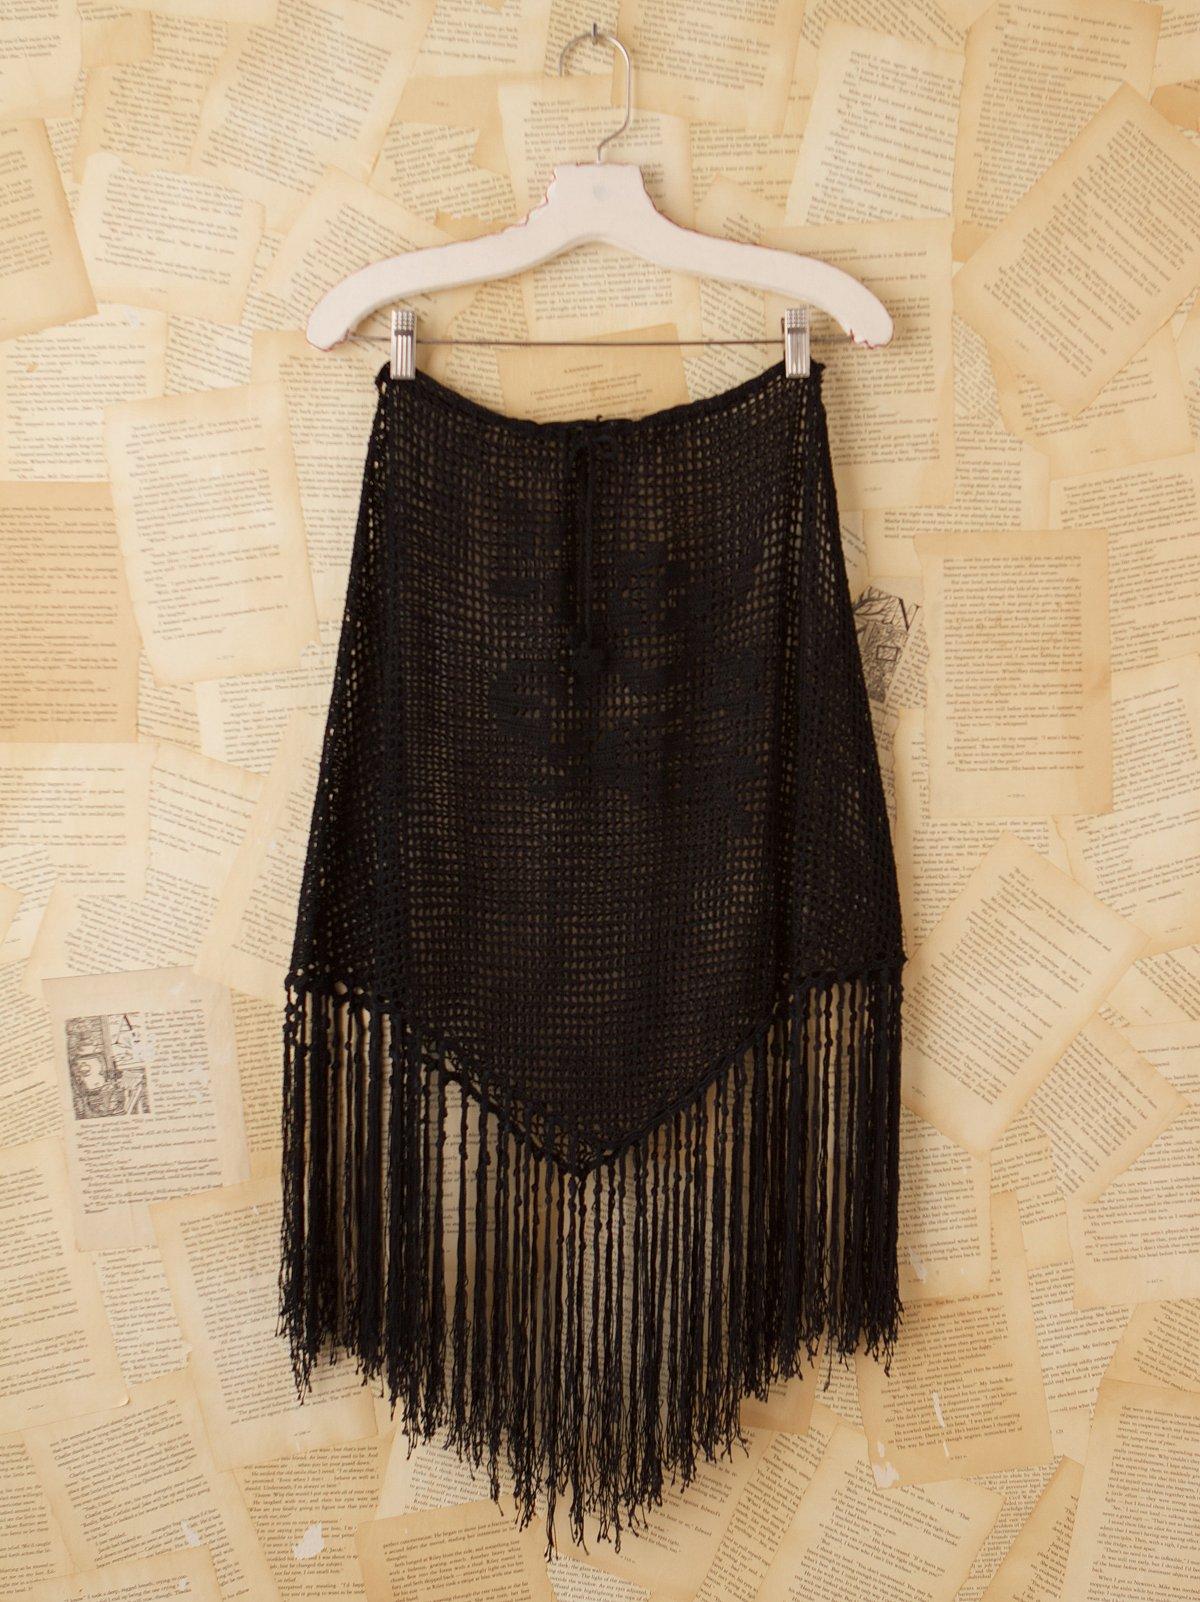 Vintage Crochet Fringe Skirt